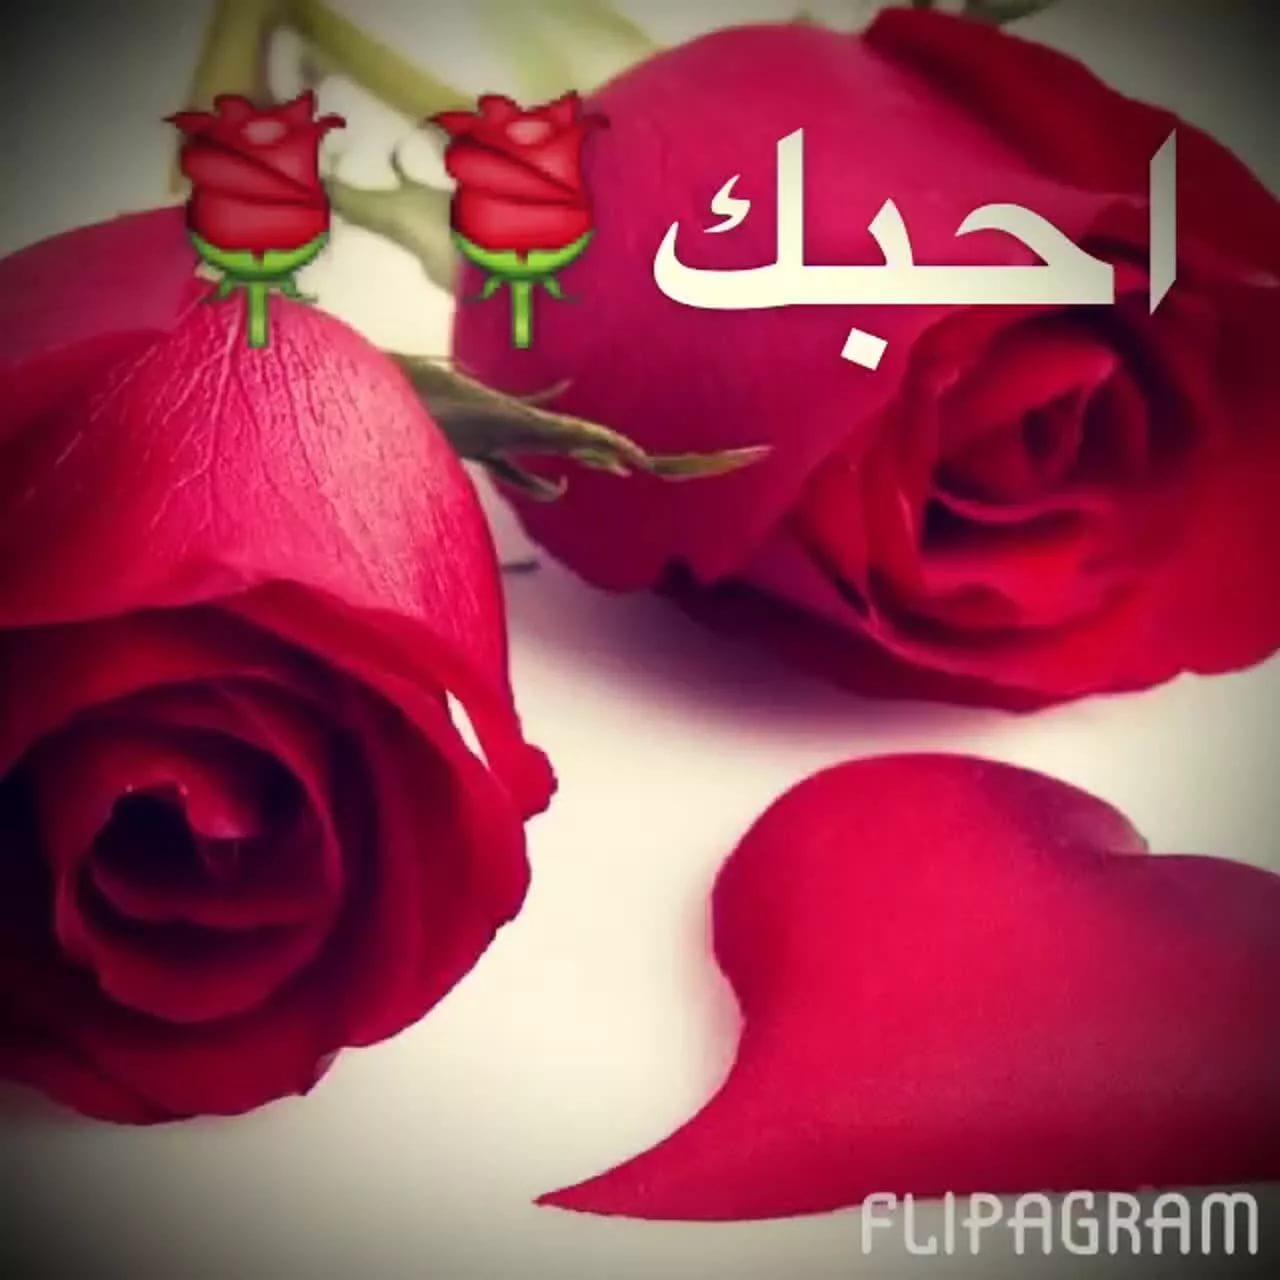 صور صور احبك , صور غرامية مكتوب عليها كلمة احبك